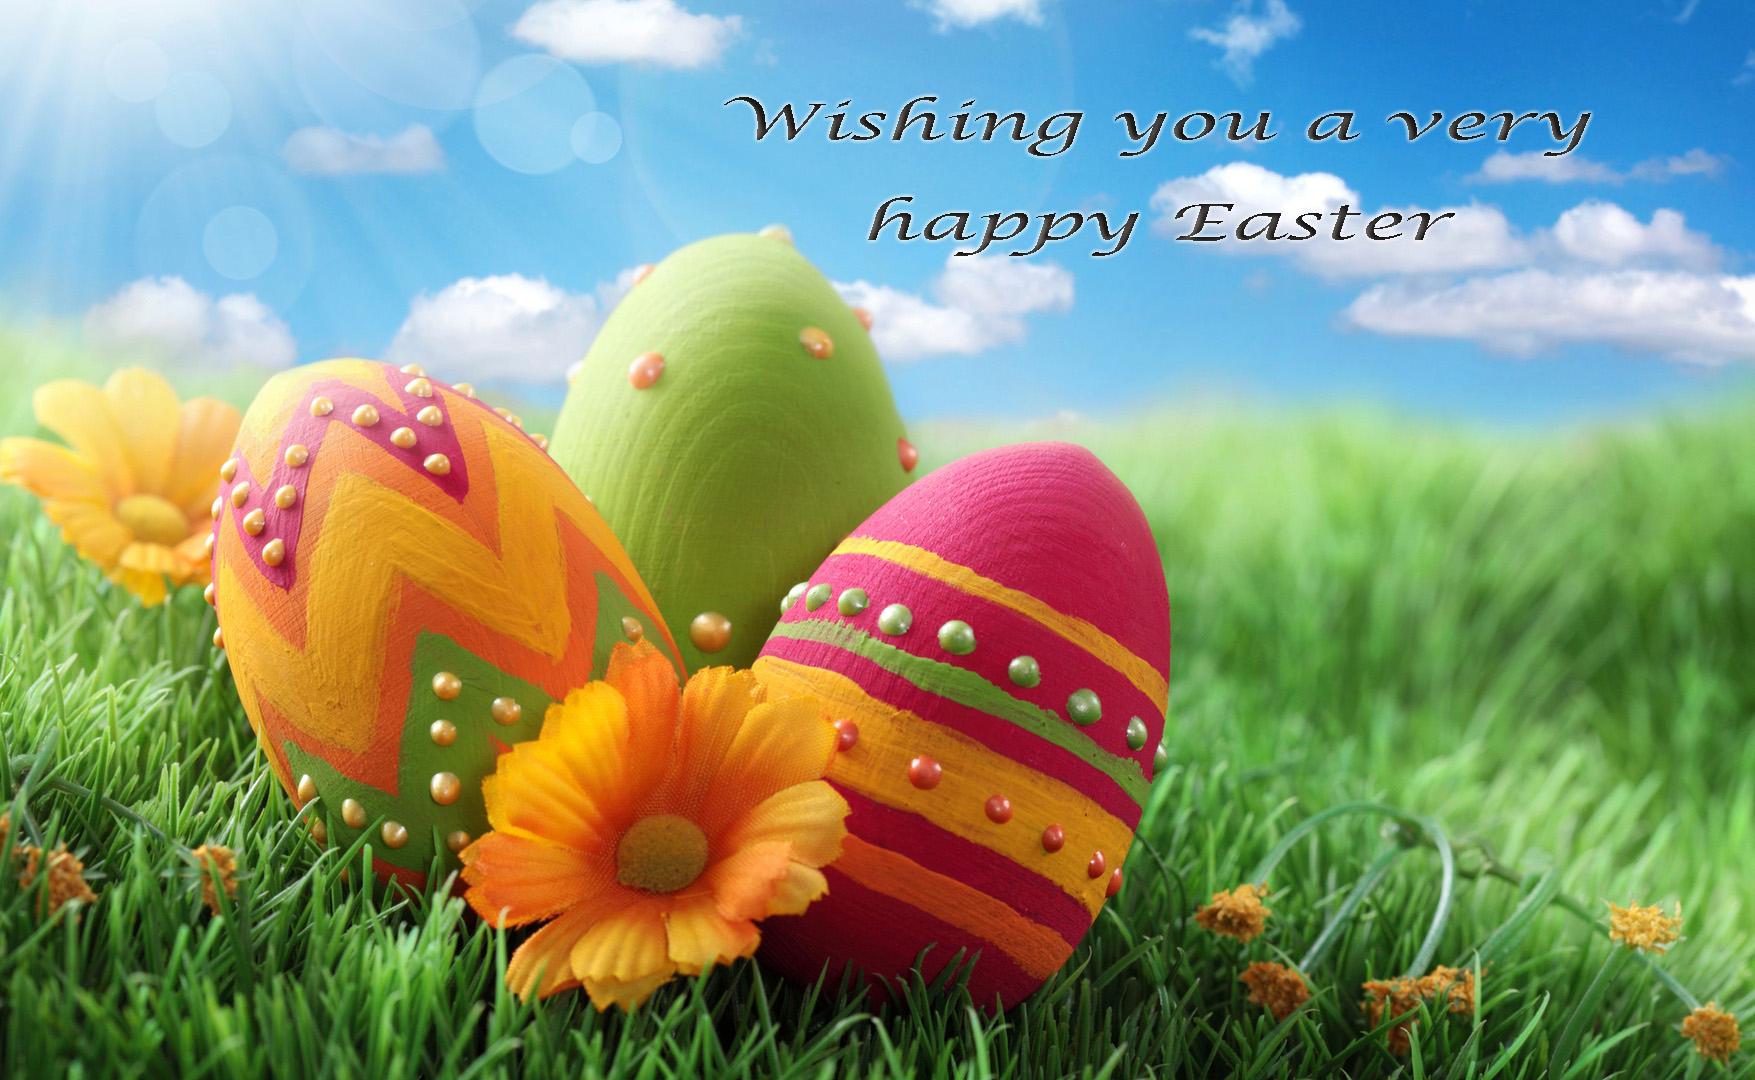 Ilanga Easter greeting